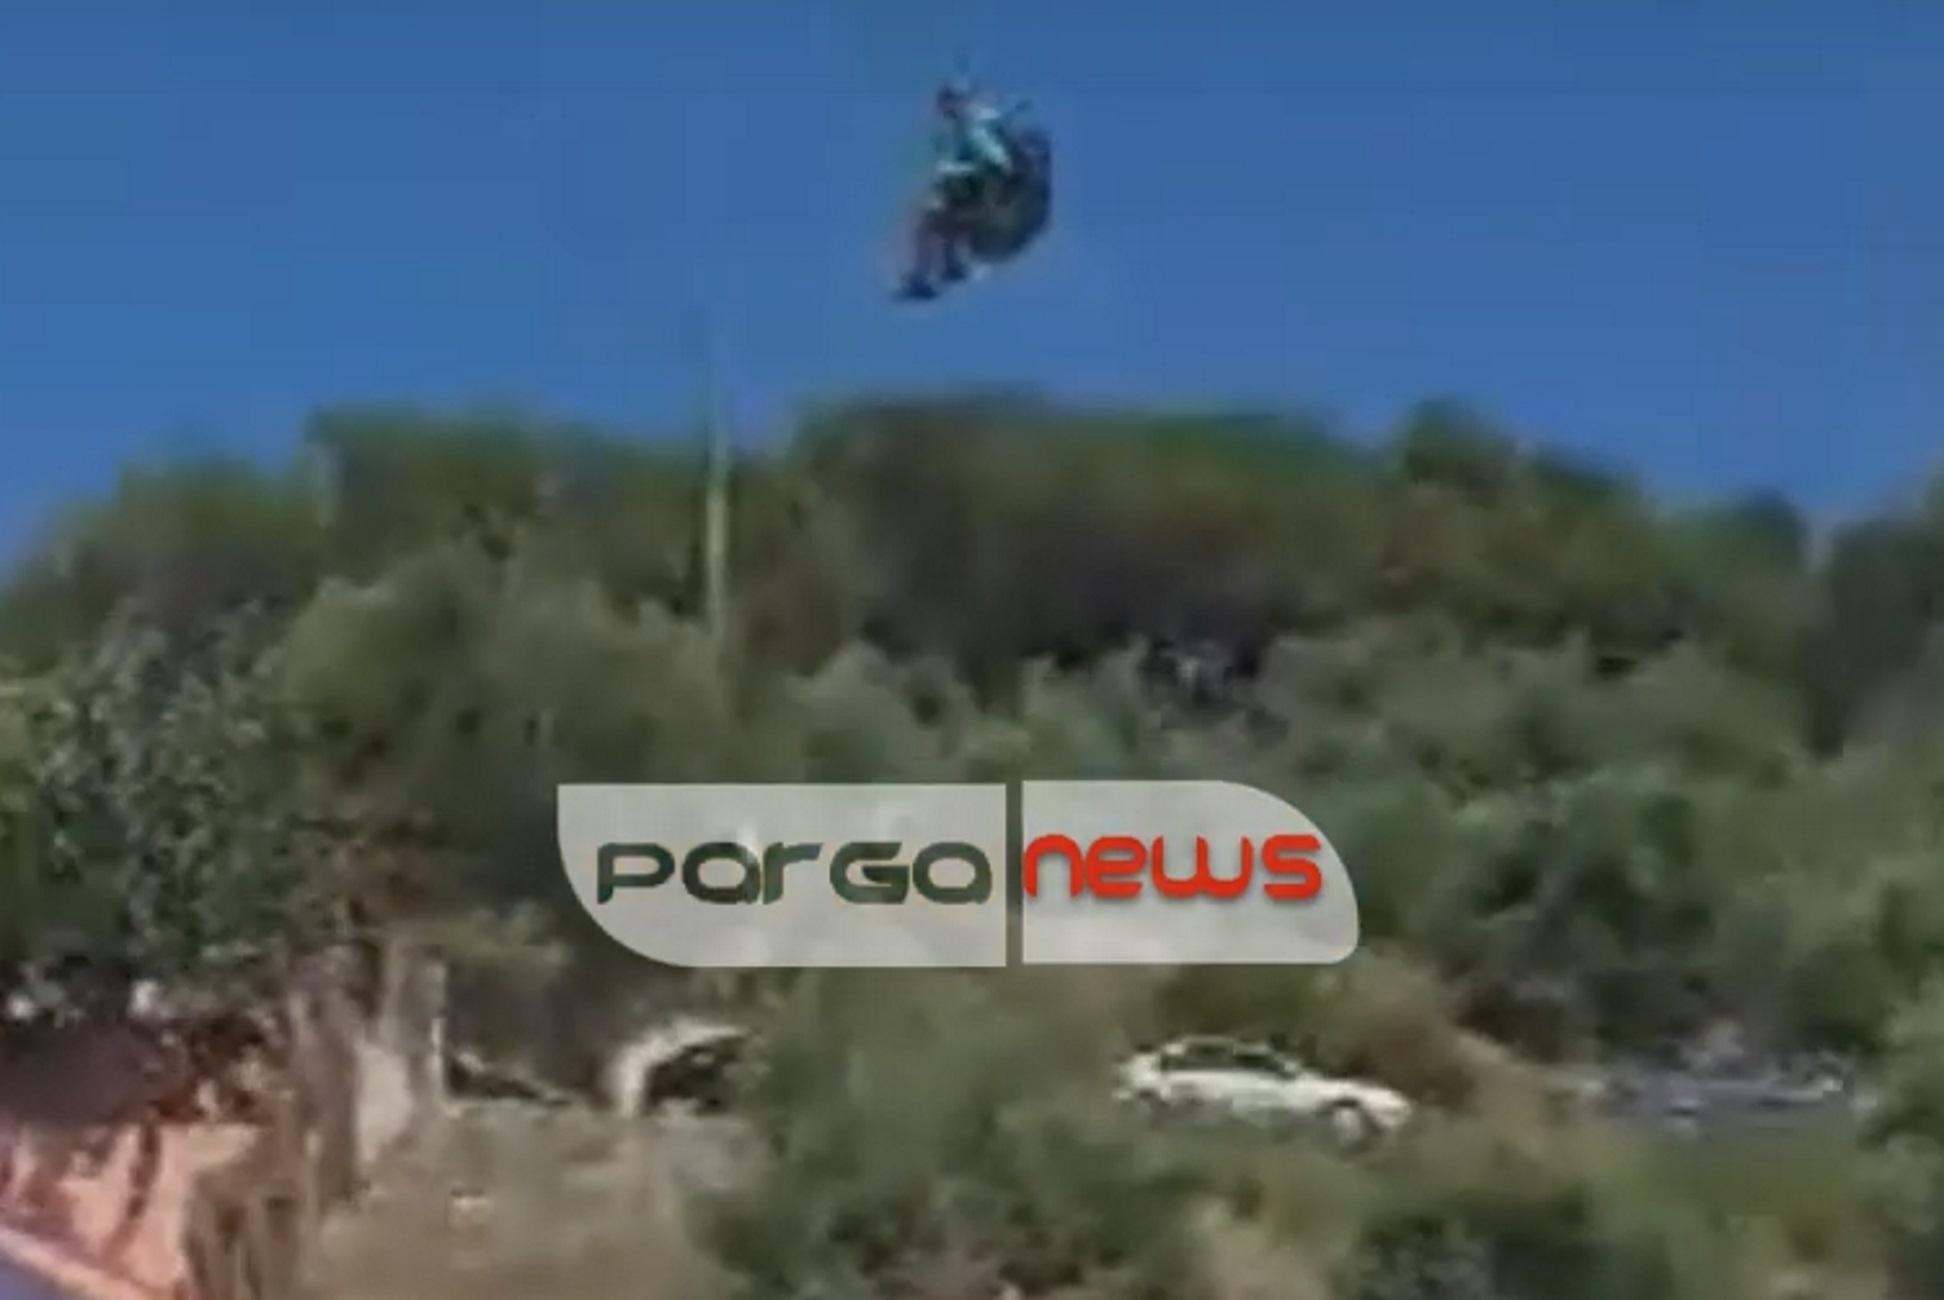 """Πάργα: Η στιγμή που αθλητής του παρά πέντε """"προσγειώνεται"""" σε παρμπρίζ αυτοκινήτου σε παραλία (Βίντεο)"""